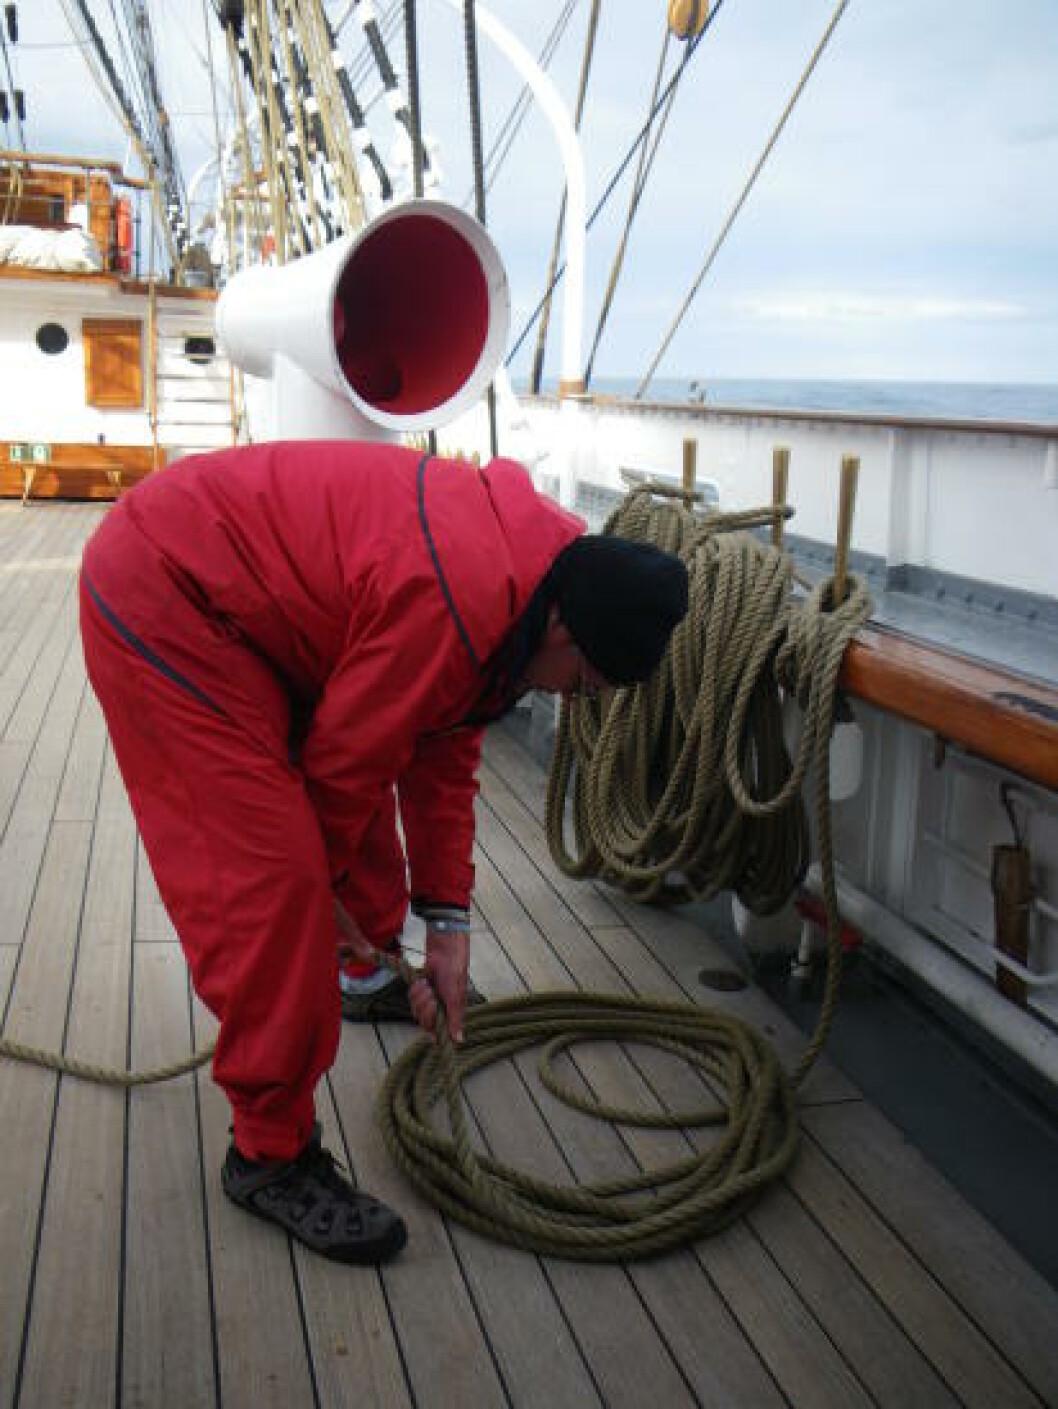 <strong>SKVÆRE OPP:</strong> Slik skal det gjøres, det er mye å holde holde orden på om bord. Foto: KIRSTEN MARGRETHE BUZZI